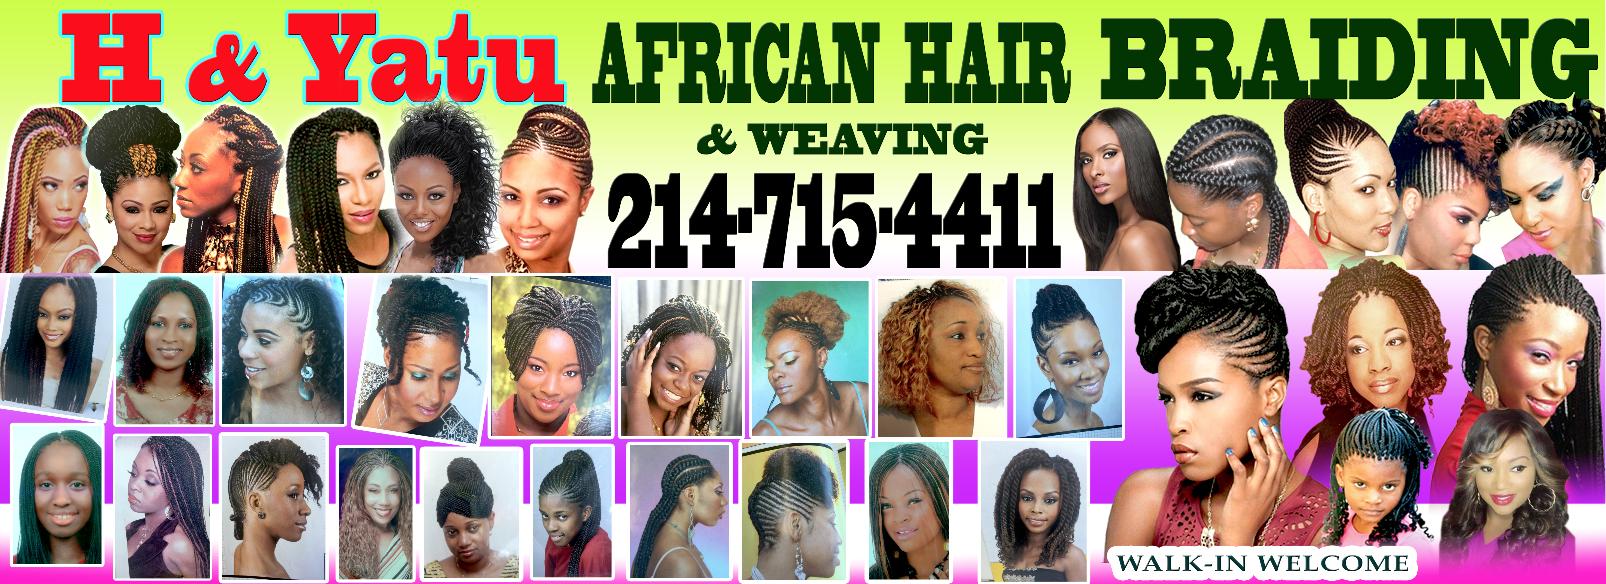 H & Yatou African hair Braiding